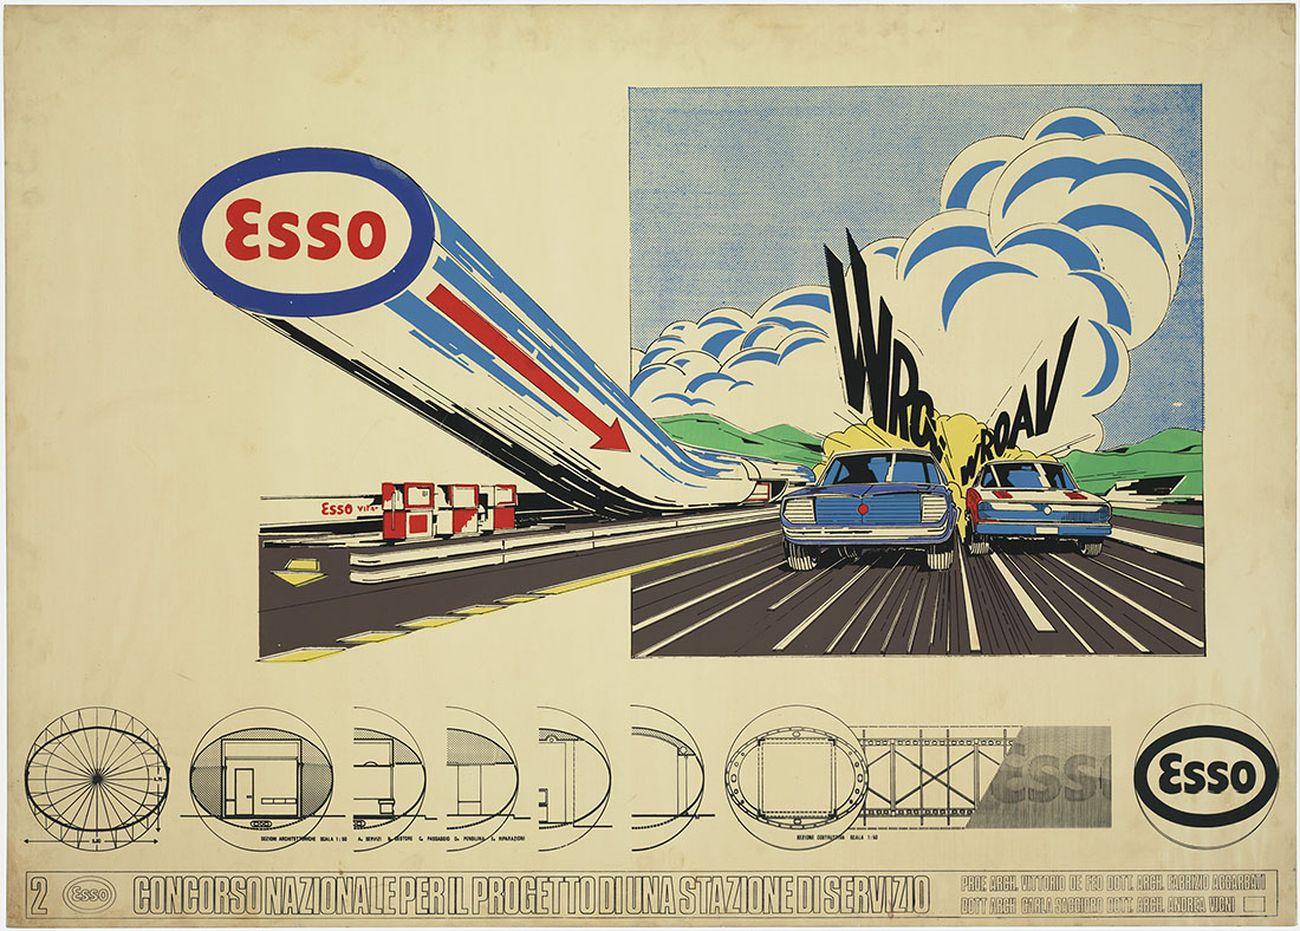 Concorso nazionale per il progetto di una stazione di servizio della ESSO (1° premio), 1970-71. Vittorio De Feo con F. Aggarbati, C. Saggioro, A. Vigni Andrea. Fondo Vittorio De Feo